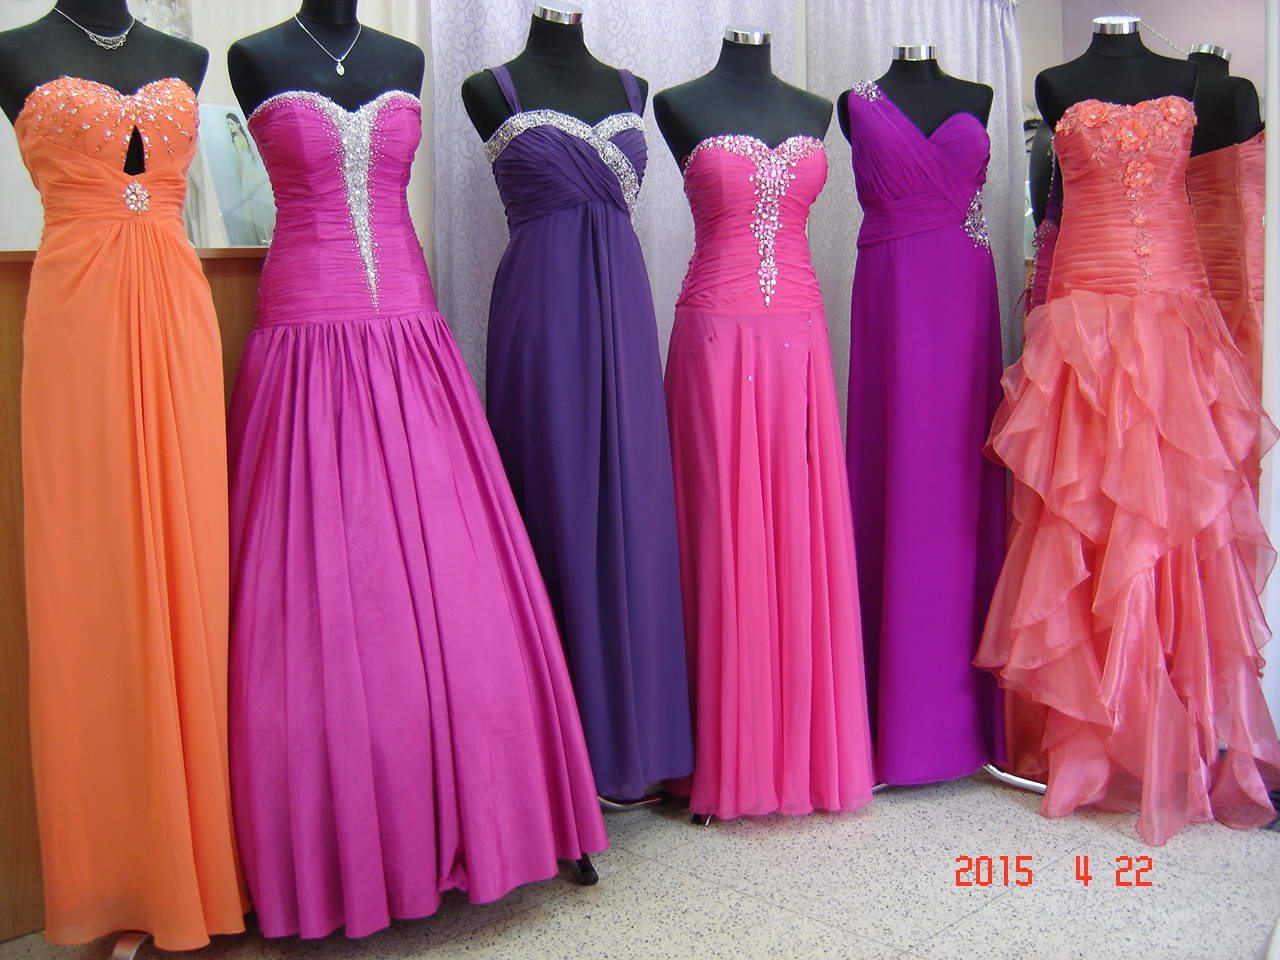 Výprodej společenských šatů Olomouc, Litovel